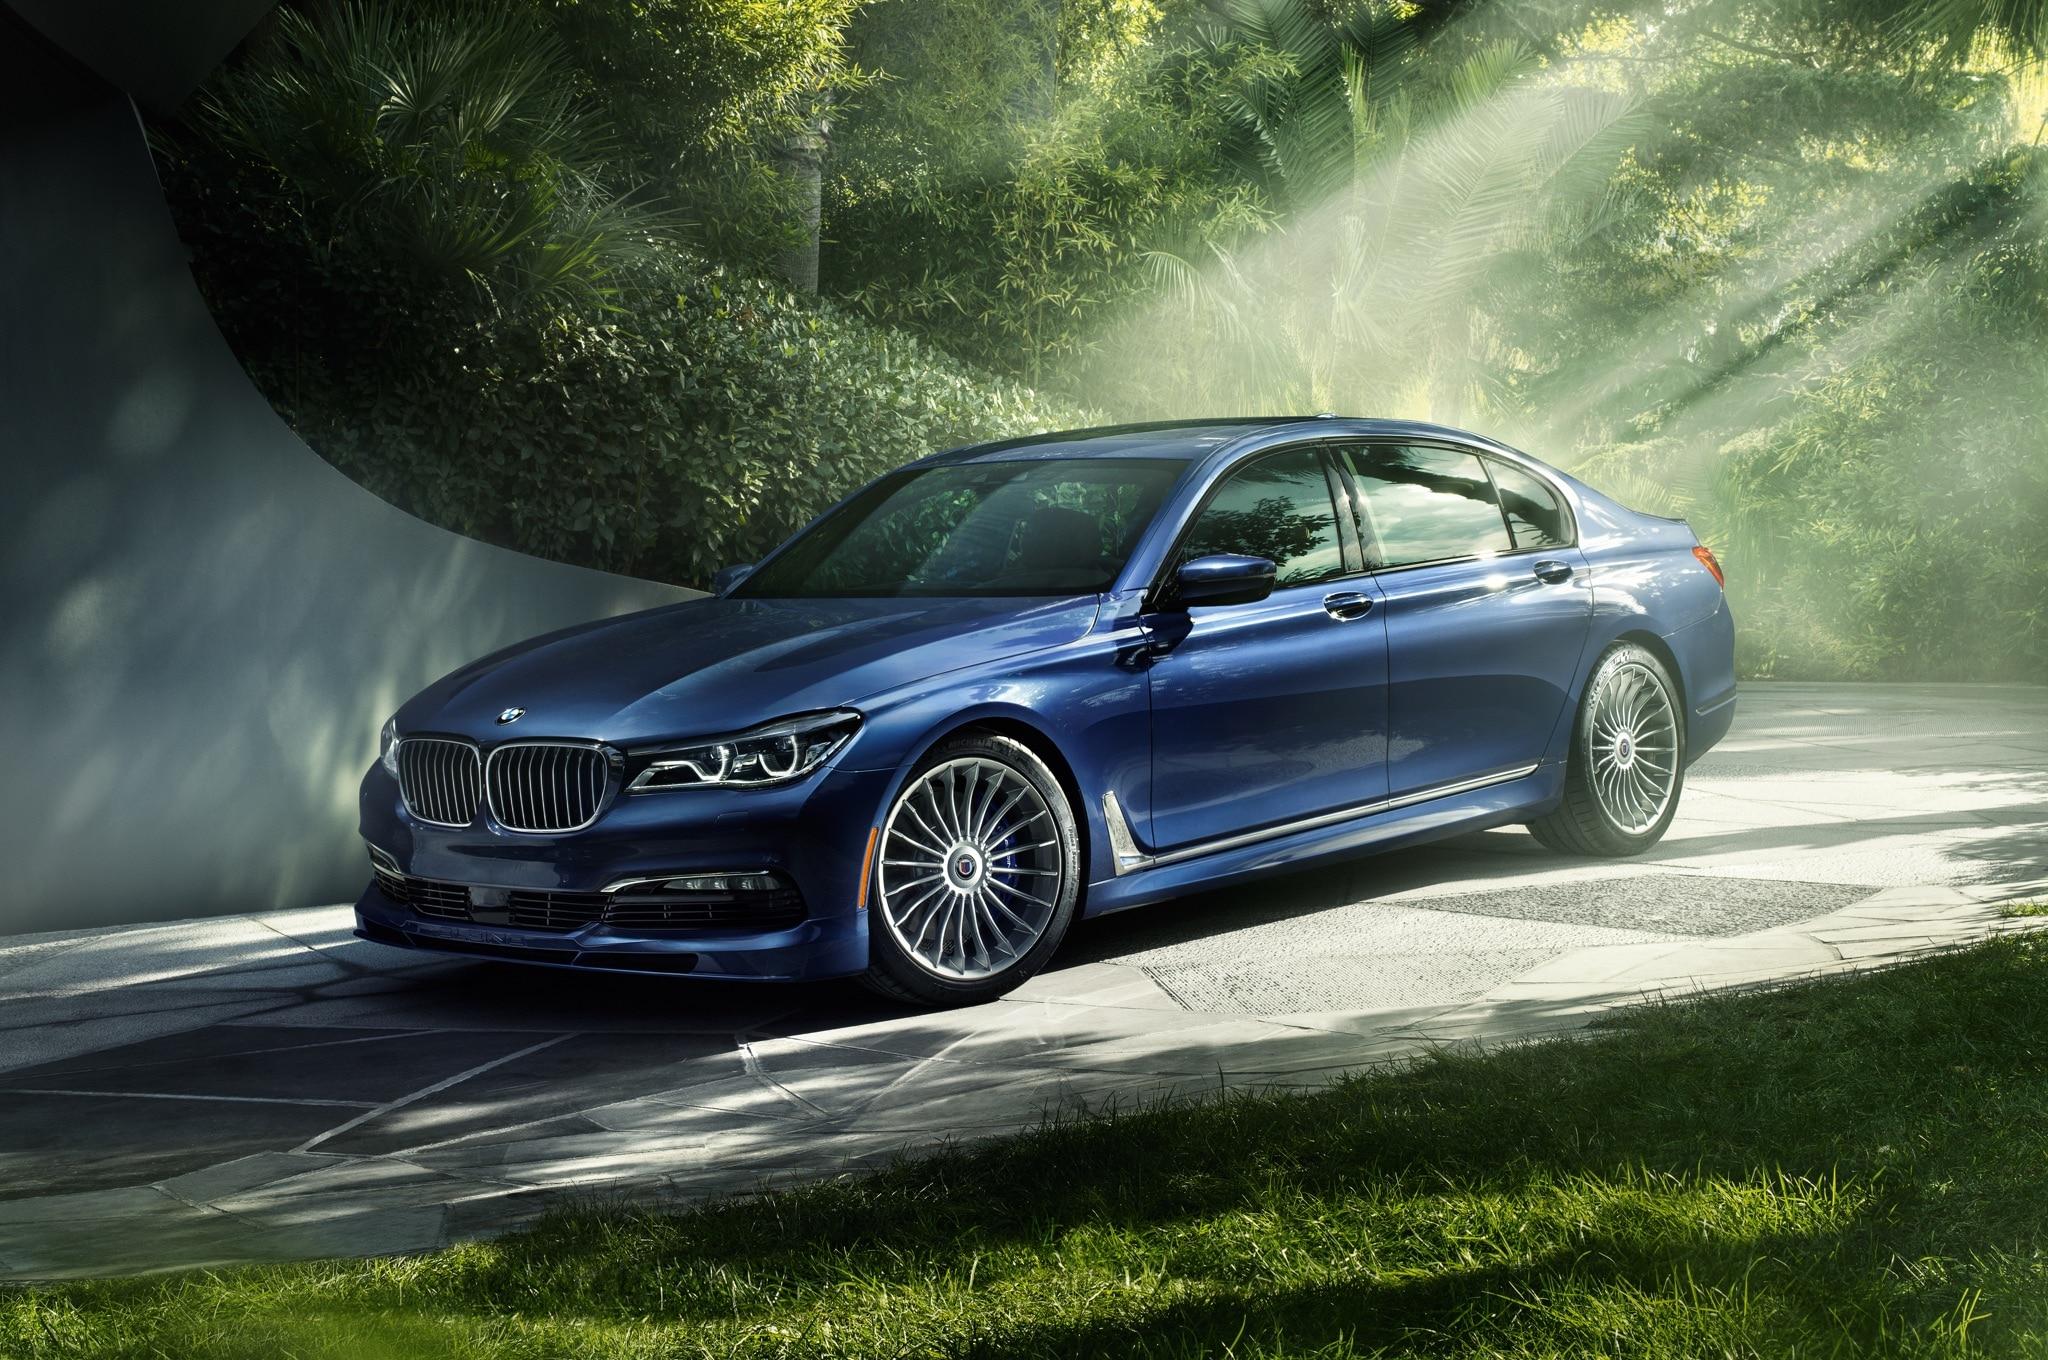 Worksheet. 2017 BMW Alpina B7 xDrive is a 600HP 193MPH Luxury Sedan